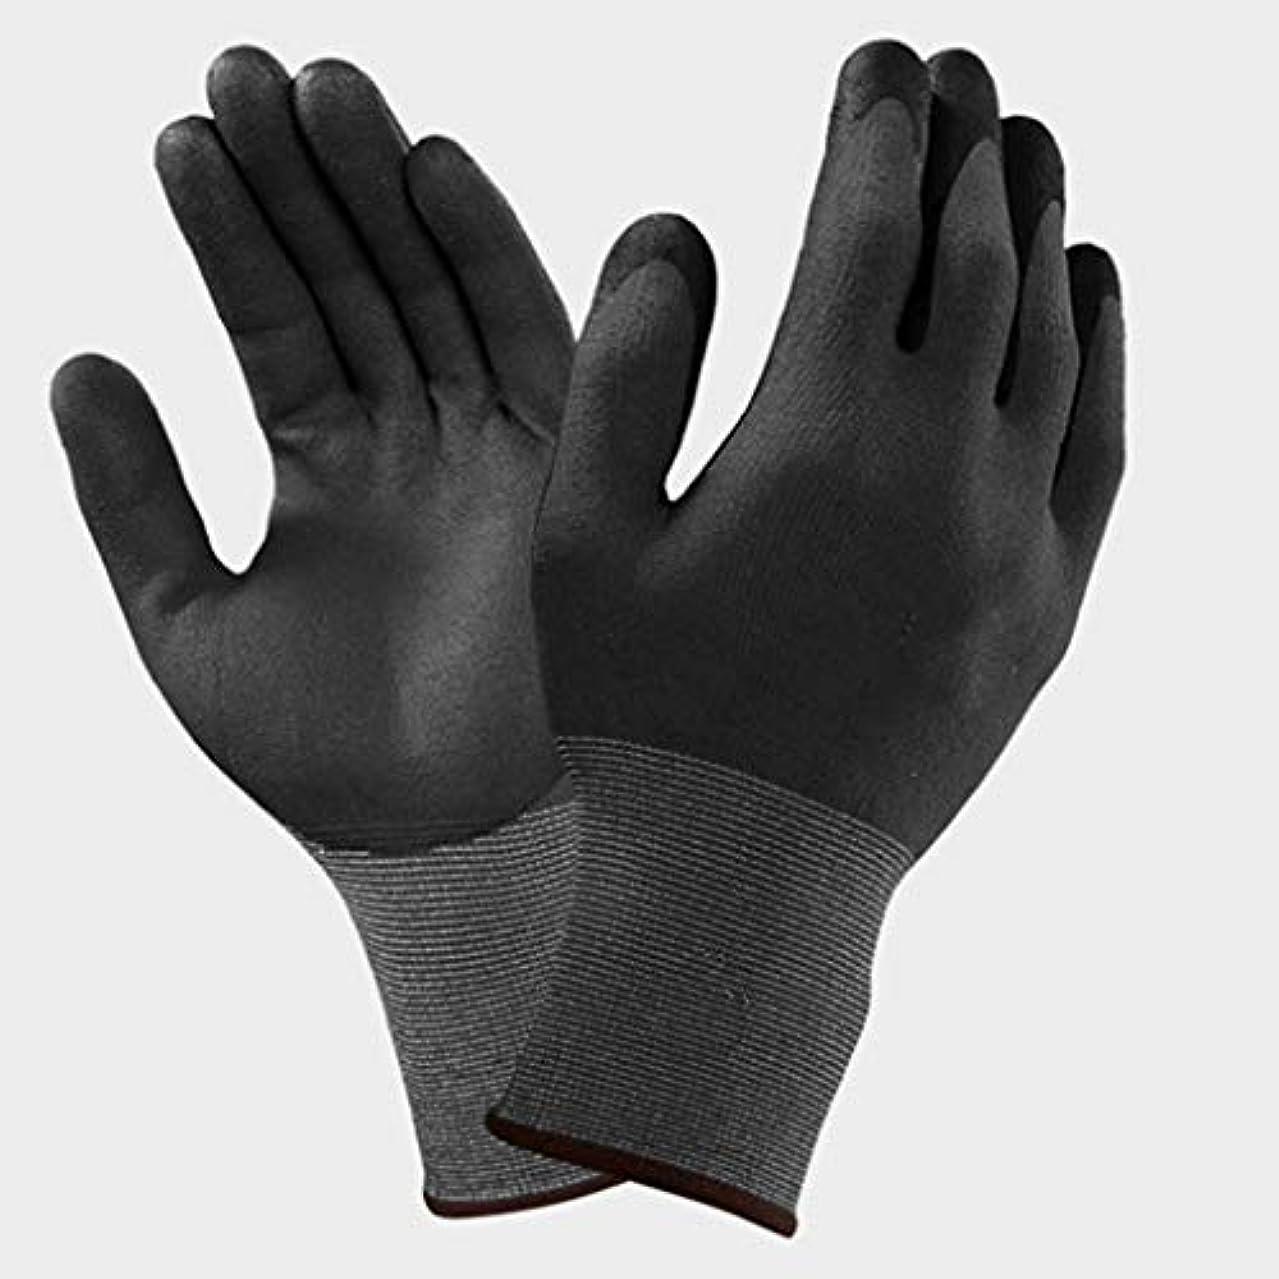 司令官癌流行しているLIUXIN ニトリルゴム手袋滑り止め、抗カッティングおよび耐摩耗性作業労働者保護手袋多目的用途ブラック ゴム手袋